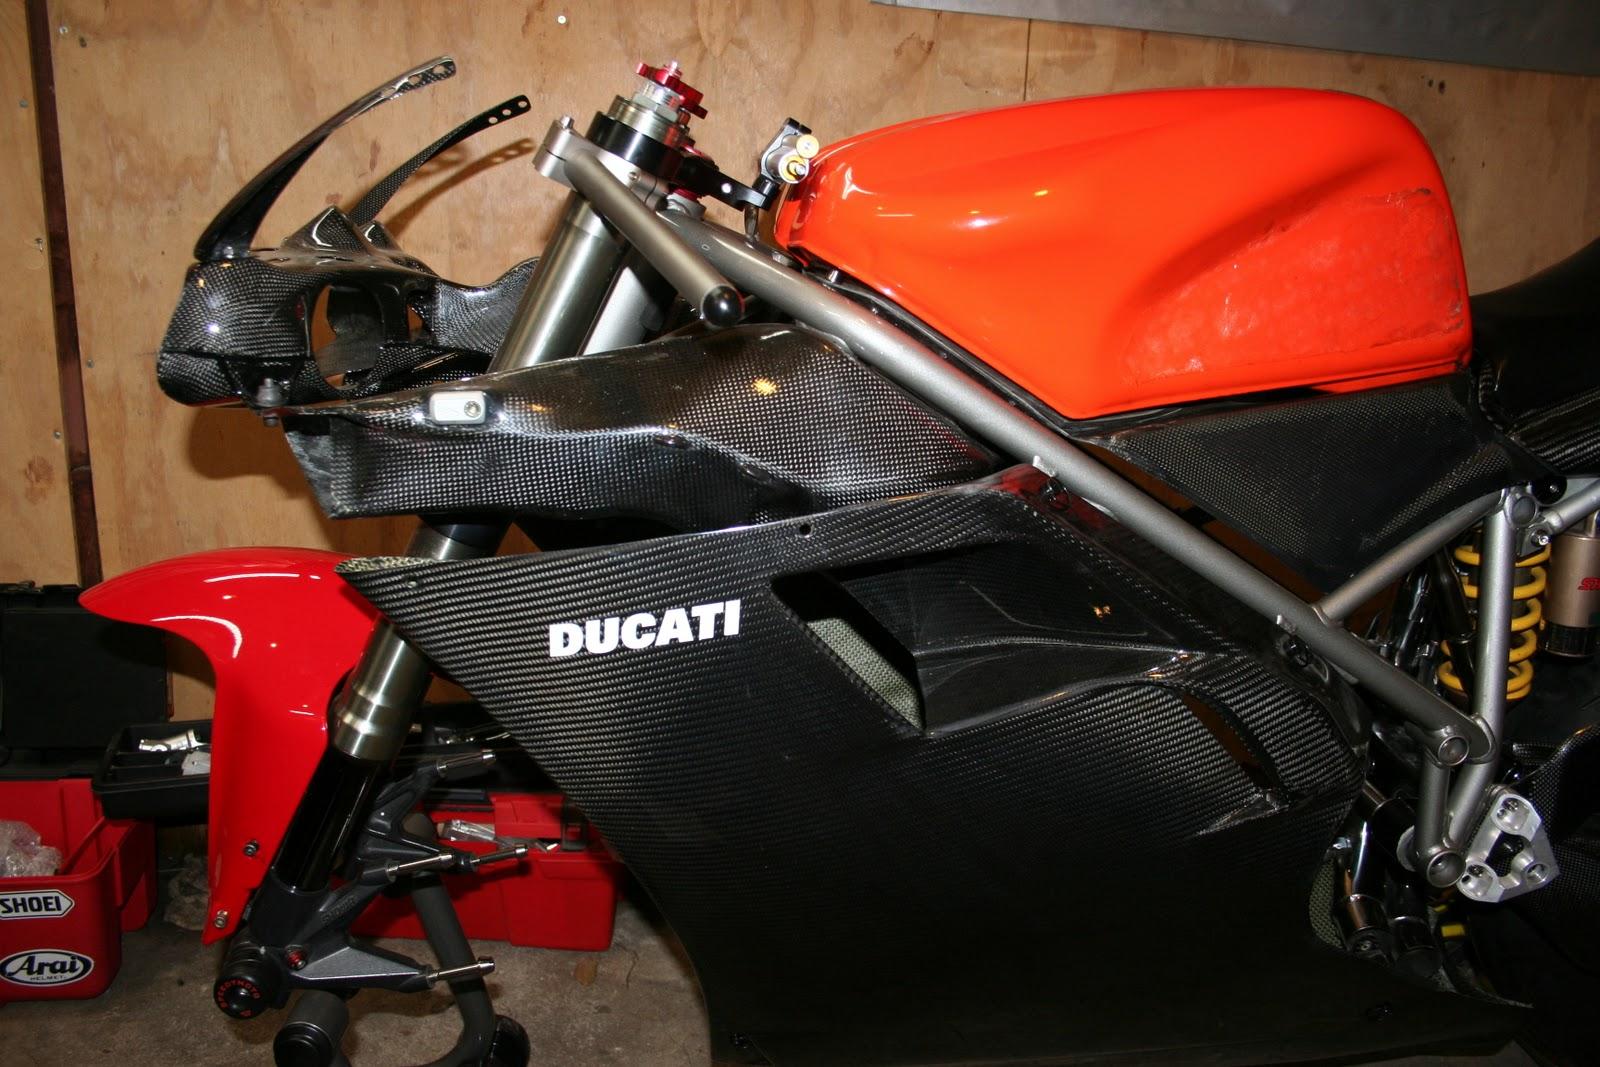 The Ducati 900 996 Fuse Box 10 February 2011